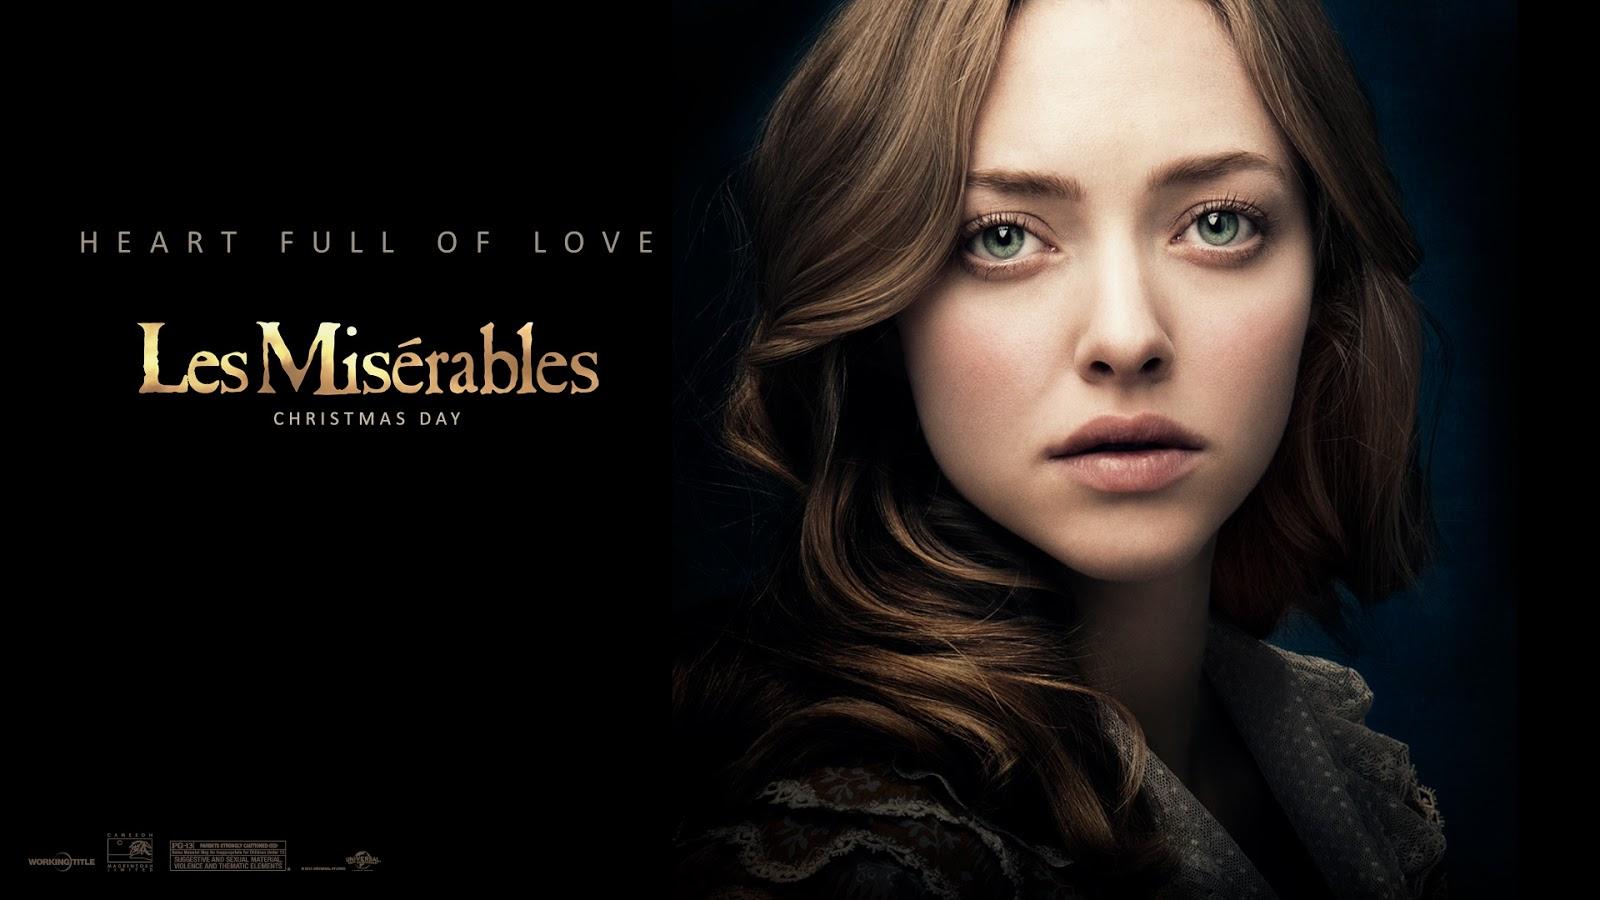 http://3.bp.blogspot.com/-Oj9zORSNJEM/UNfbznjTGvI/AAAAAAAAHZo/LtzjtFd5iiE/s1600/amanda_seyfried_in_les_miserables-1920x1080+(8apple.blogspot.com).jpg